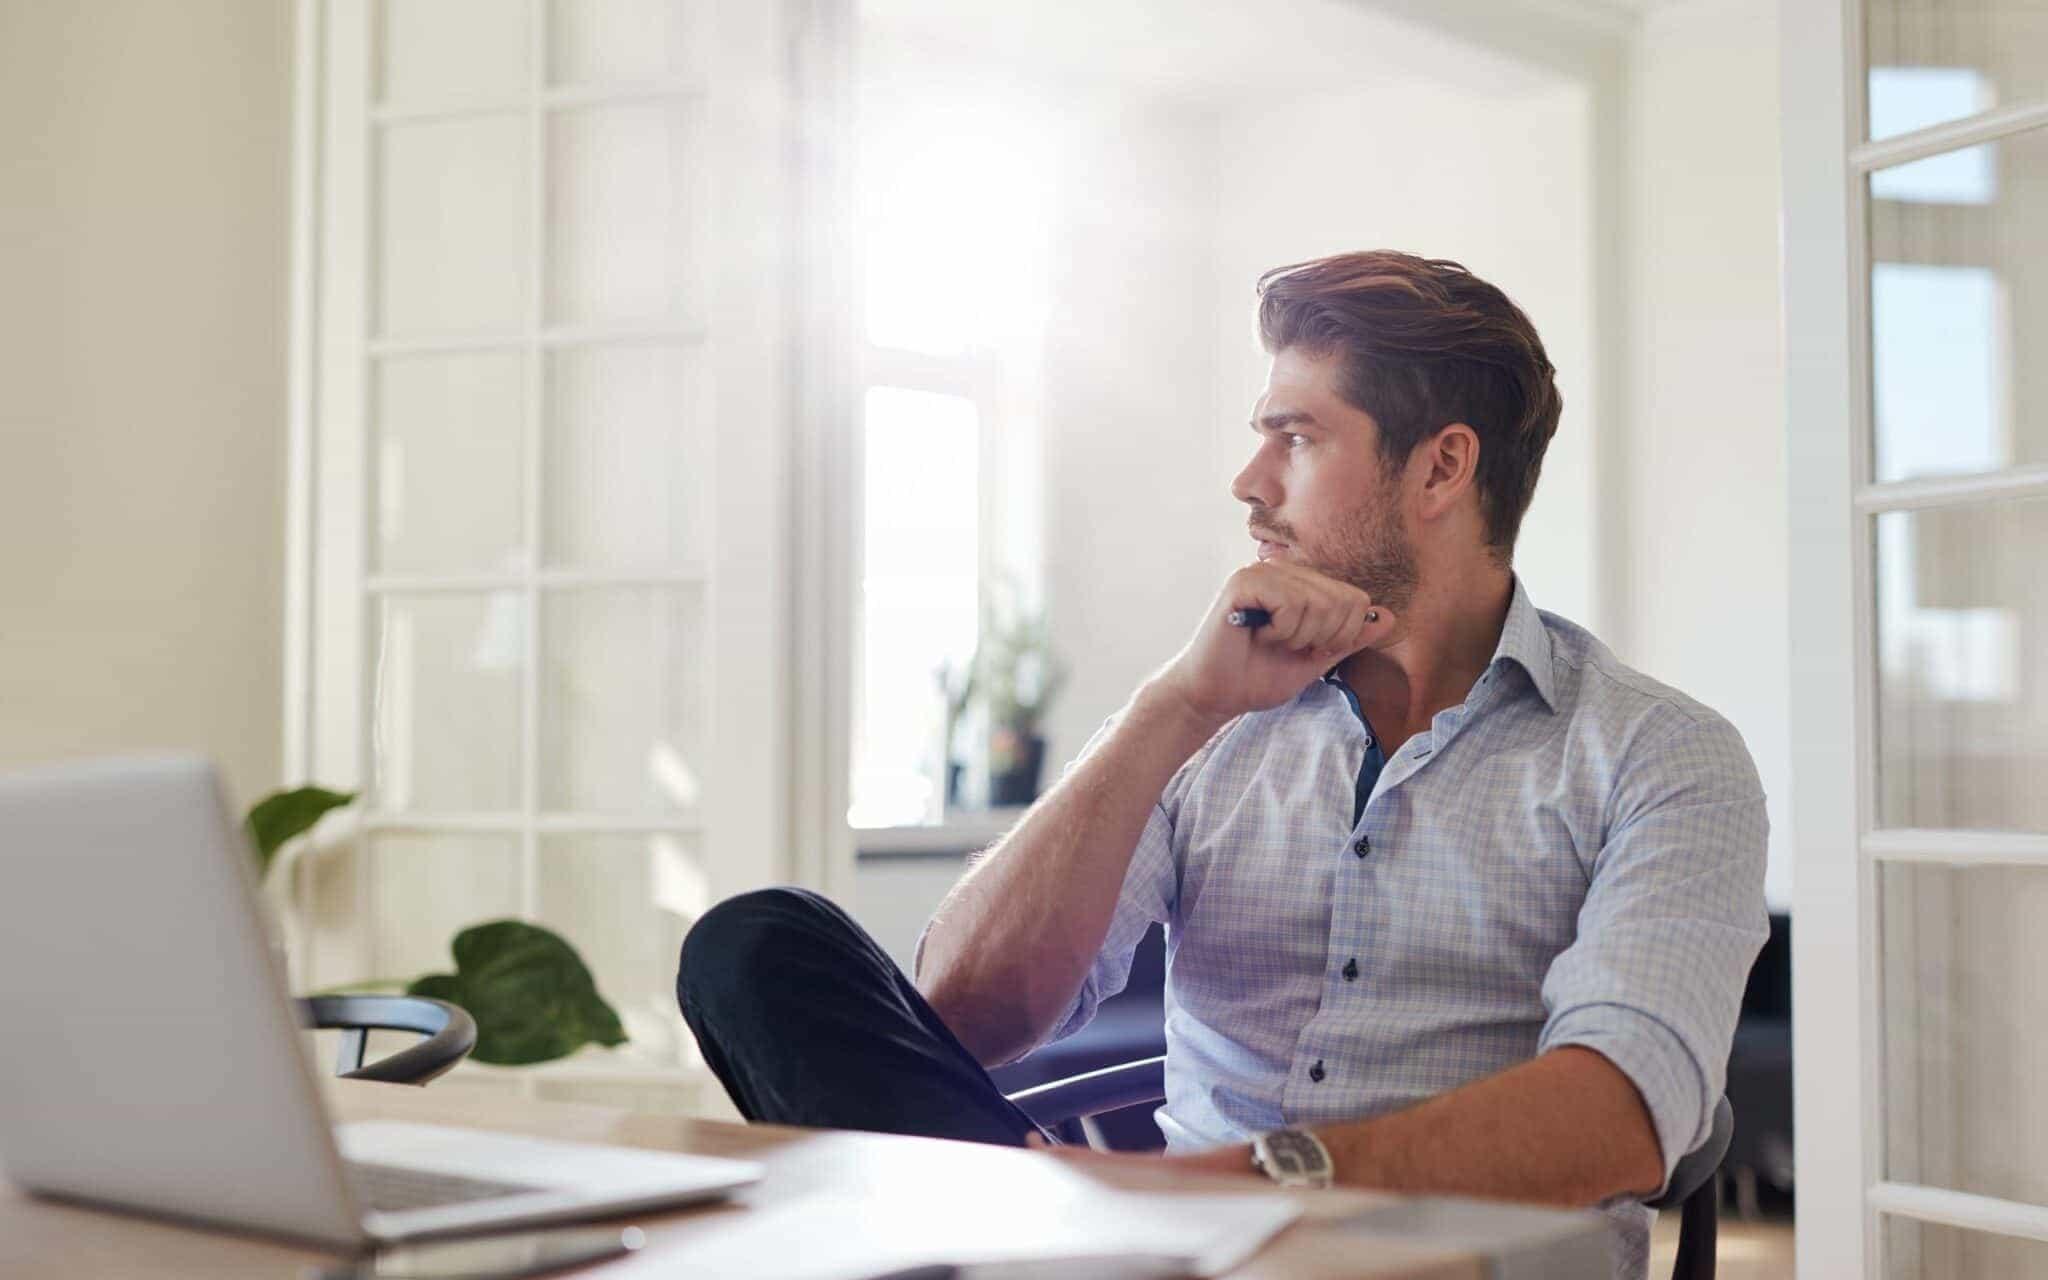 Wachstum statt Krise: 5 Schritte, mit denen Unternehmen wieder Neukunden gewinnen